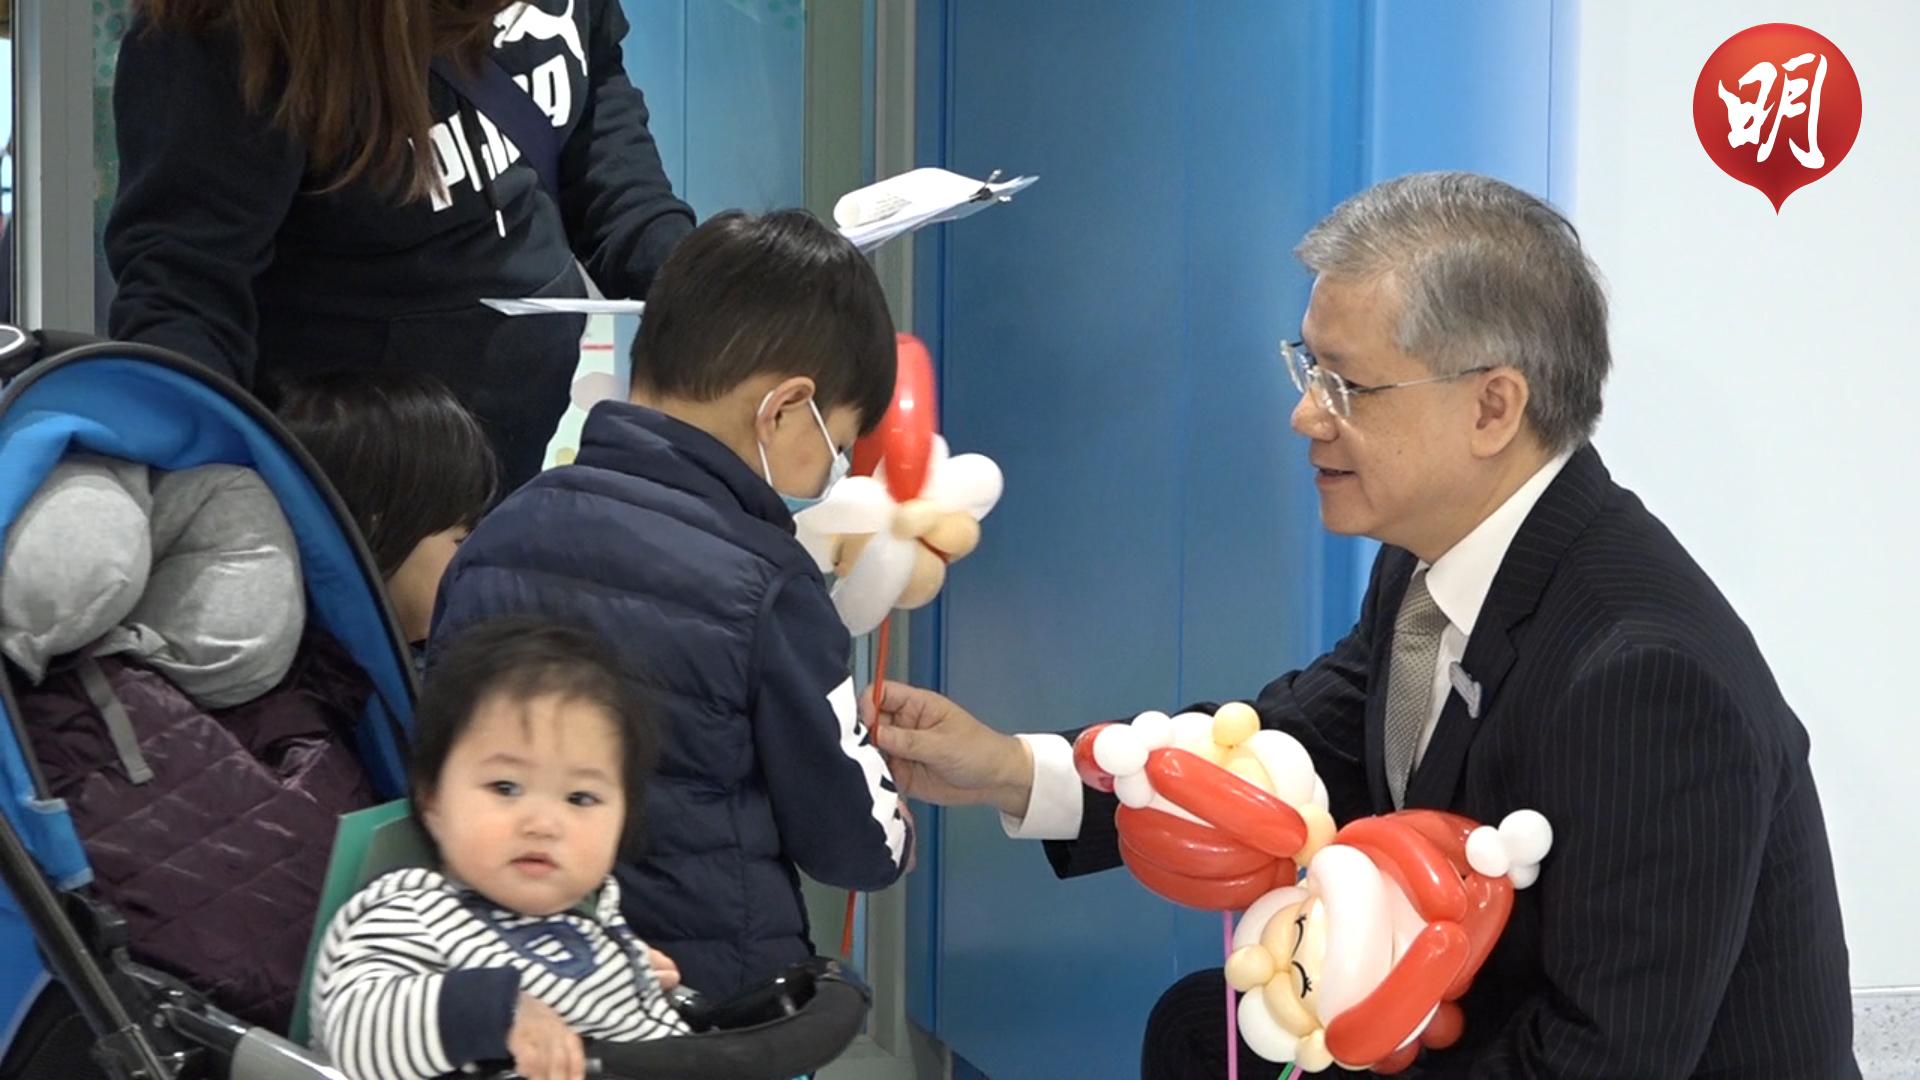 【短片】兒童醫院正式啟用 首名覆診病童指醫院感覺舒服